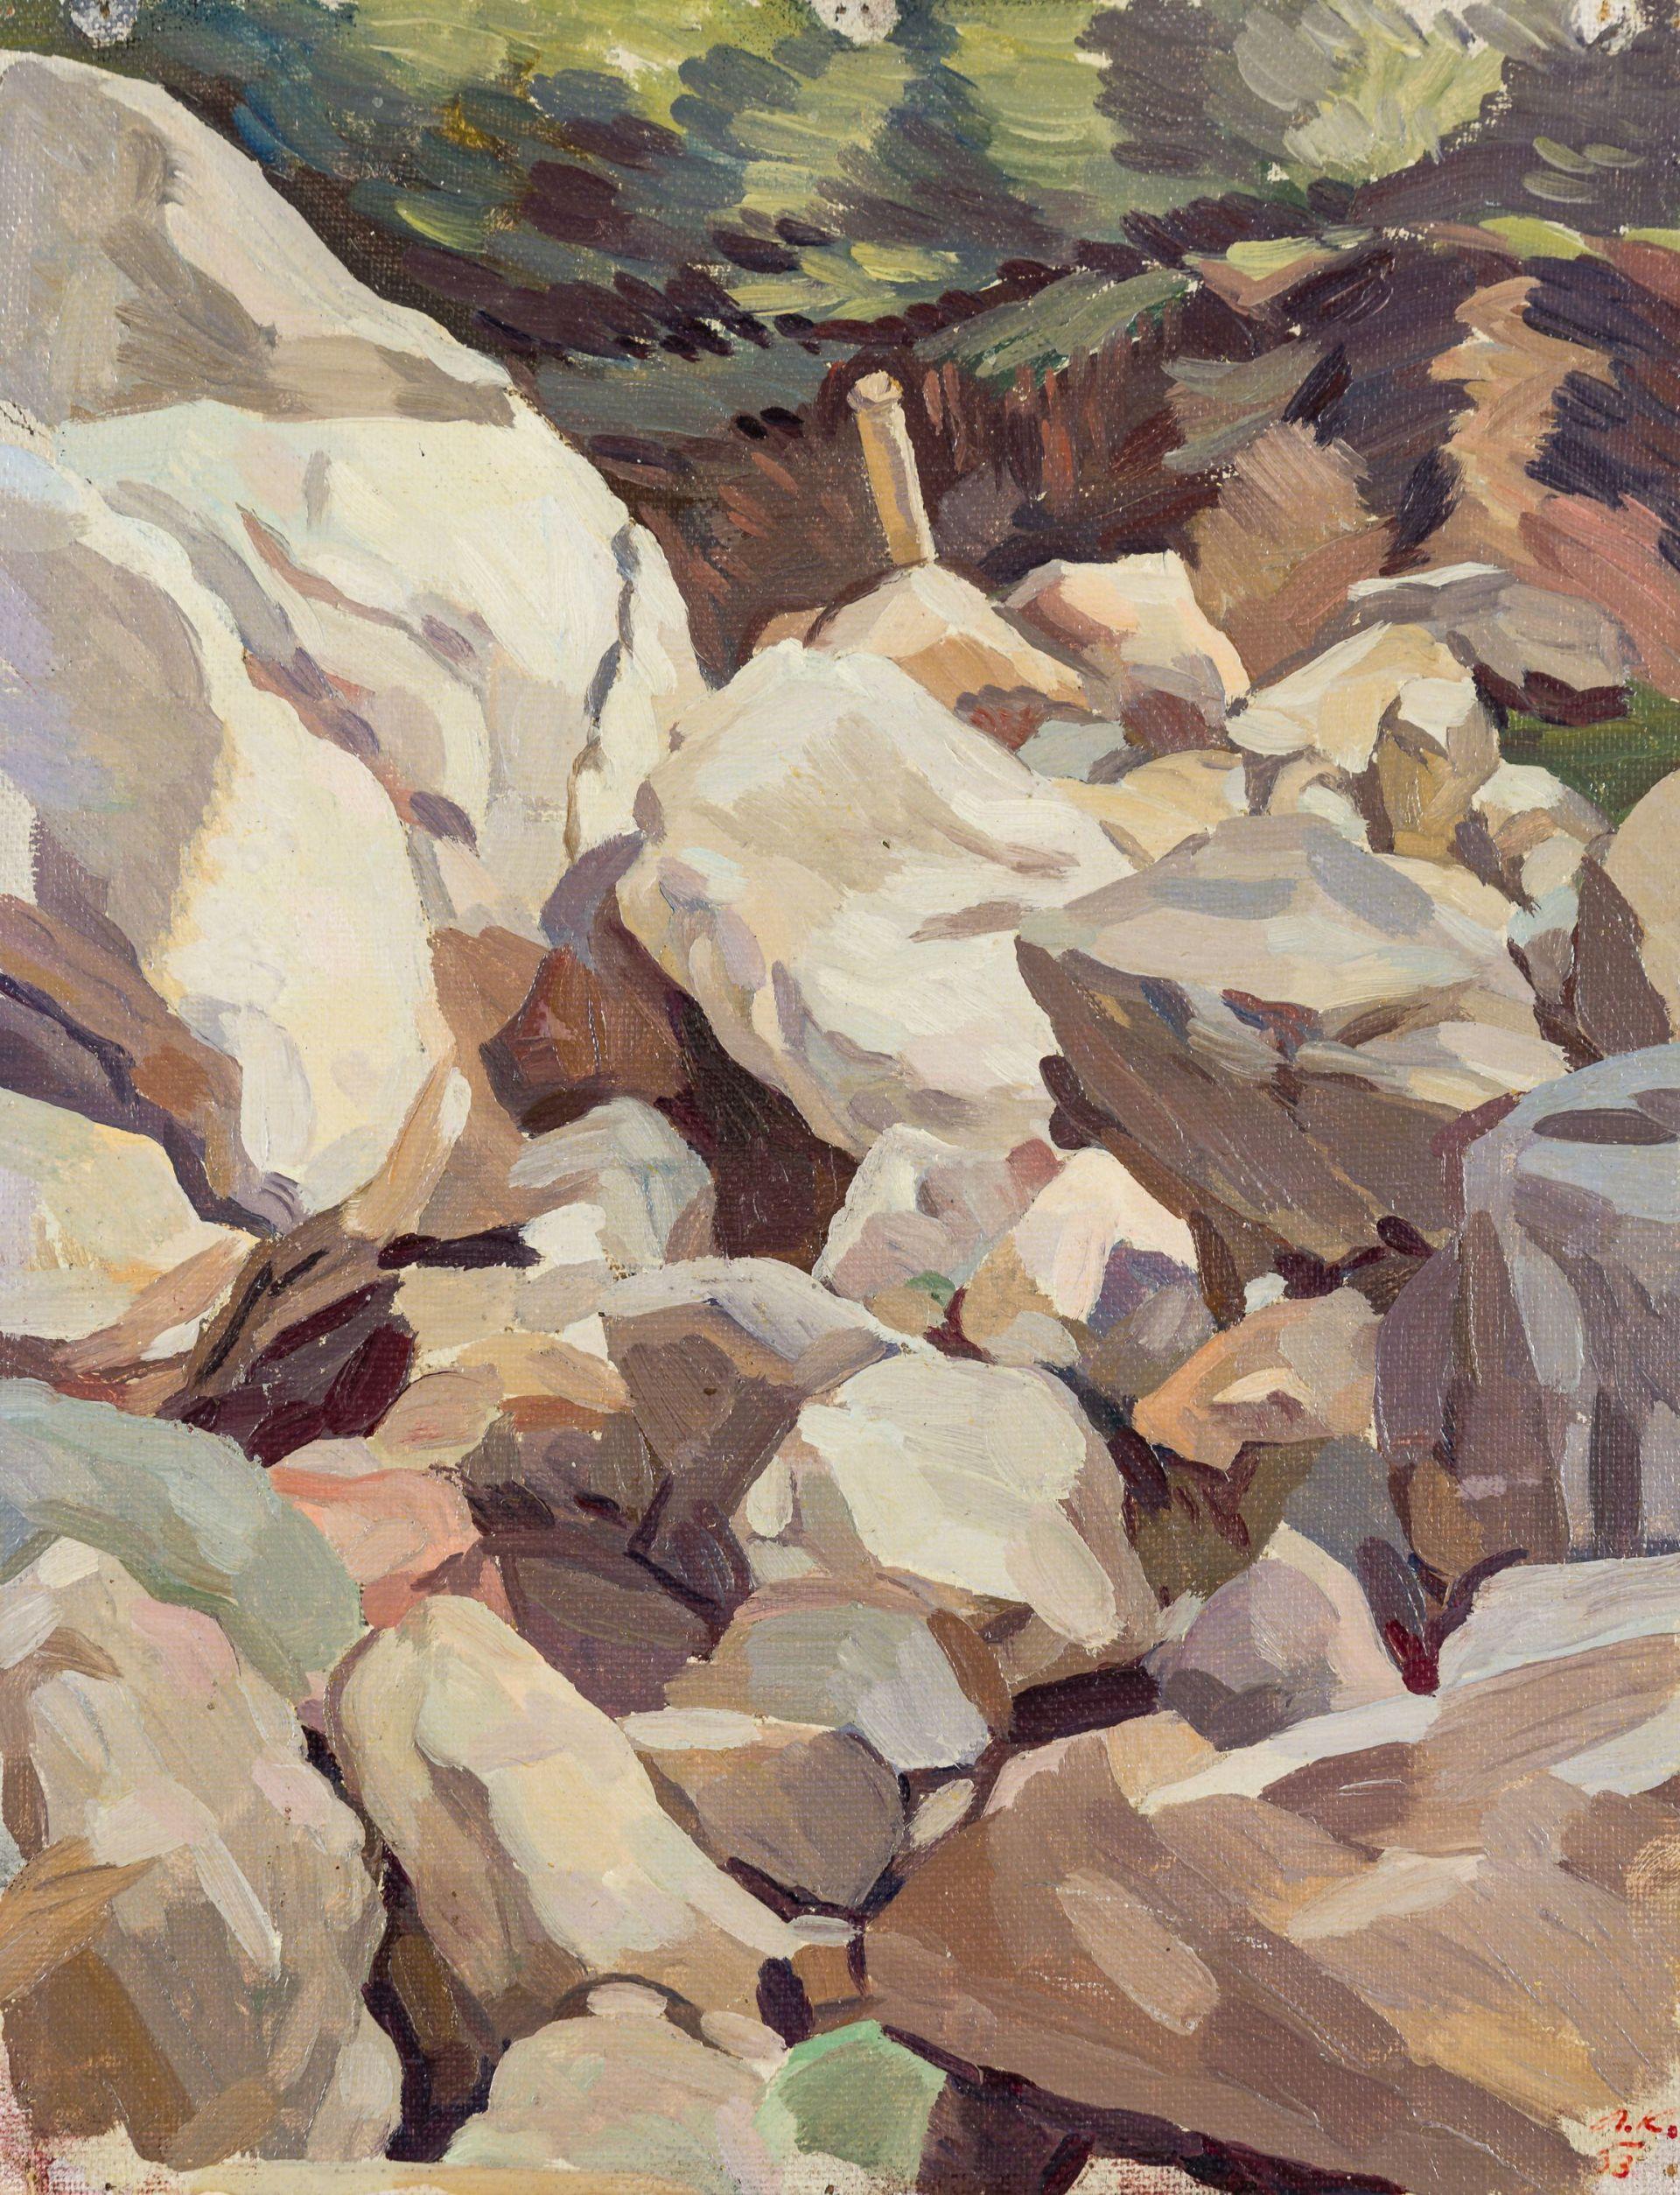 peter-griesser-www-petergriesser-com-457